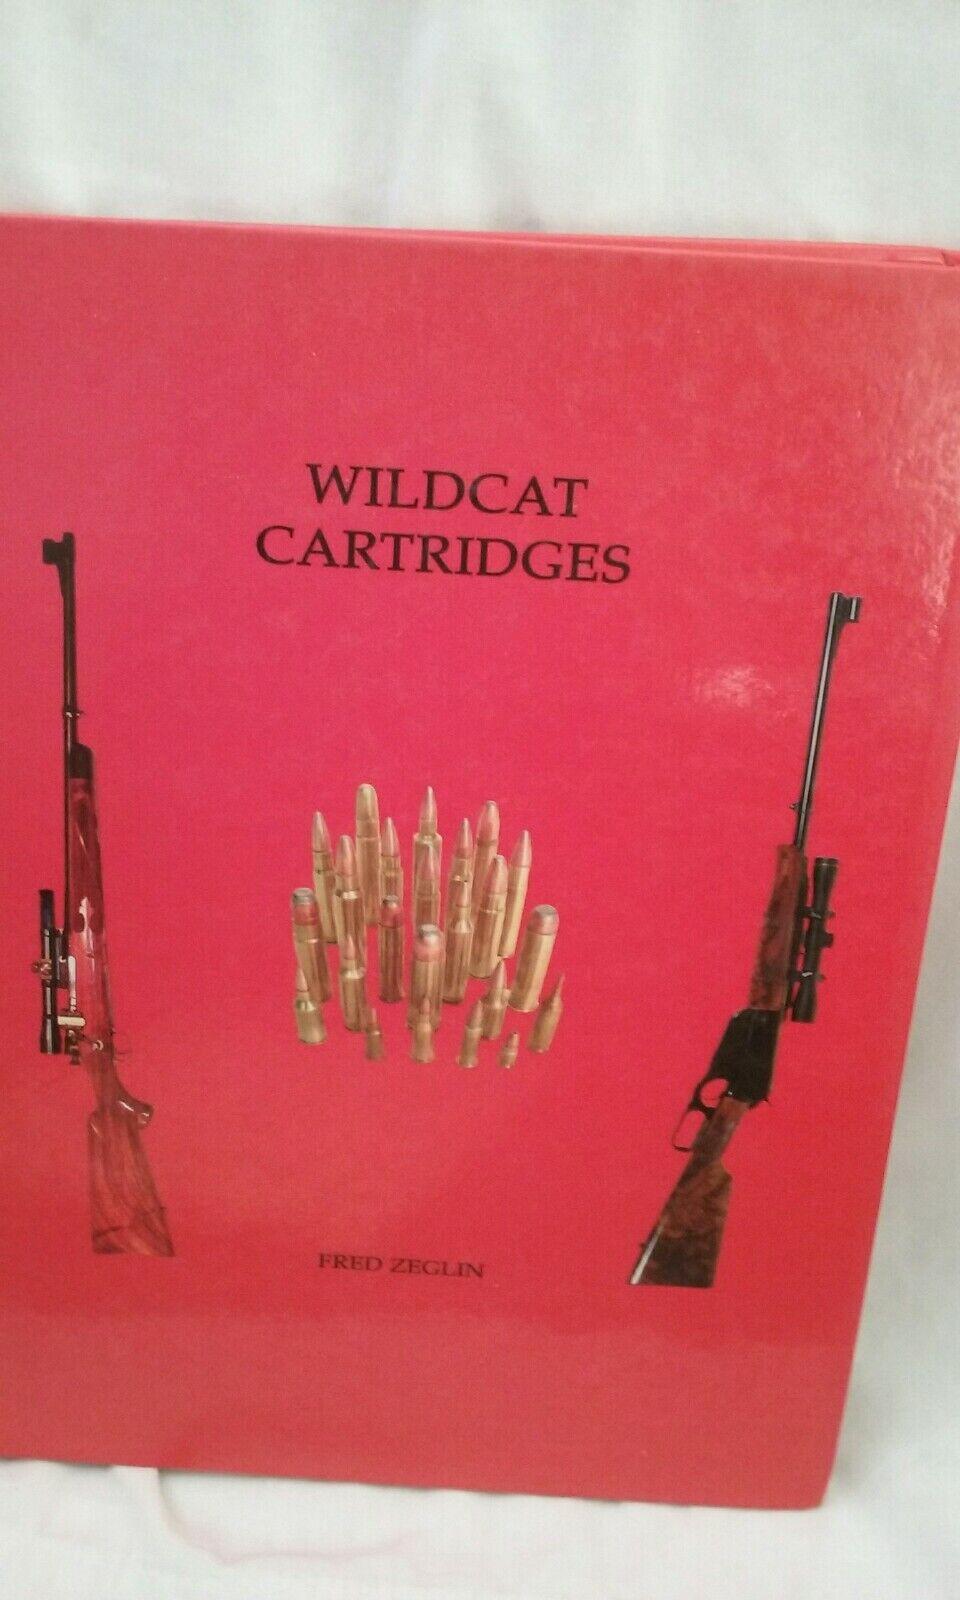 Los cartuchos de la guía para Recargadores Wildcat Wildcat diseño del cartucho